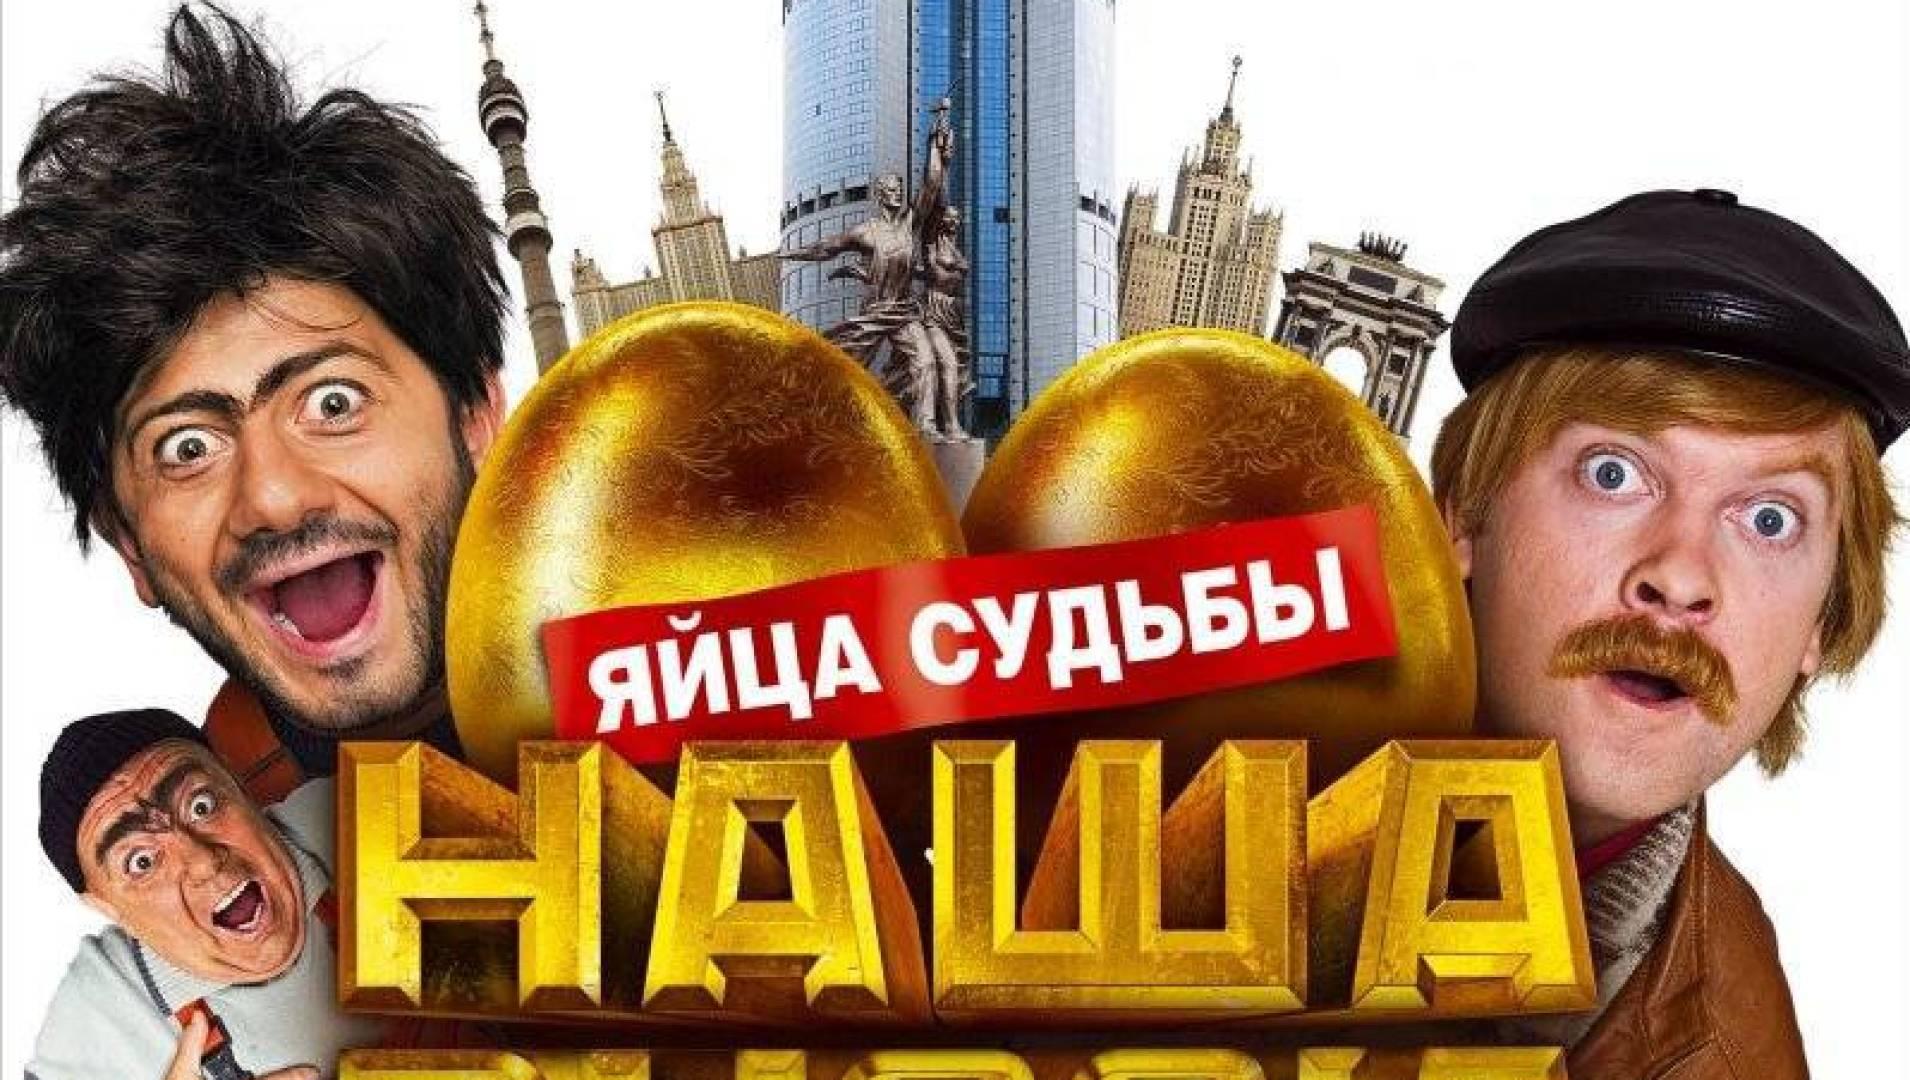 Наша Russia: Яйца судьбы - Комедия, Фильм